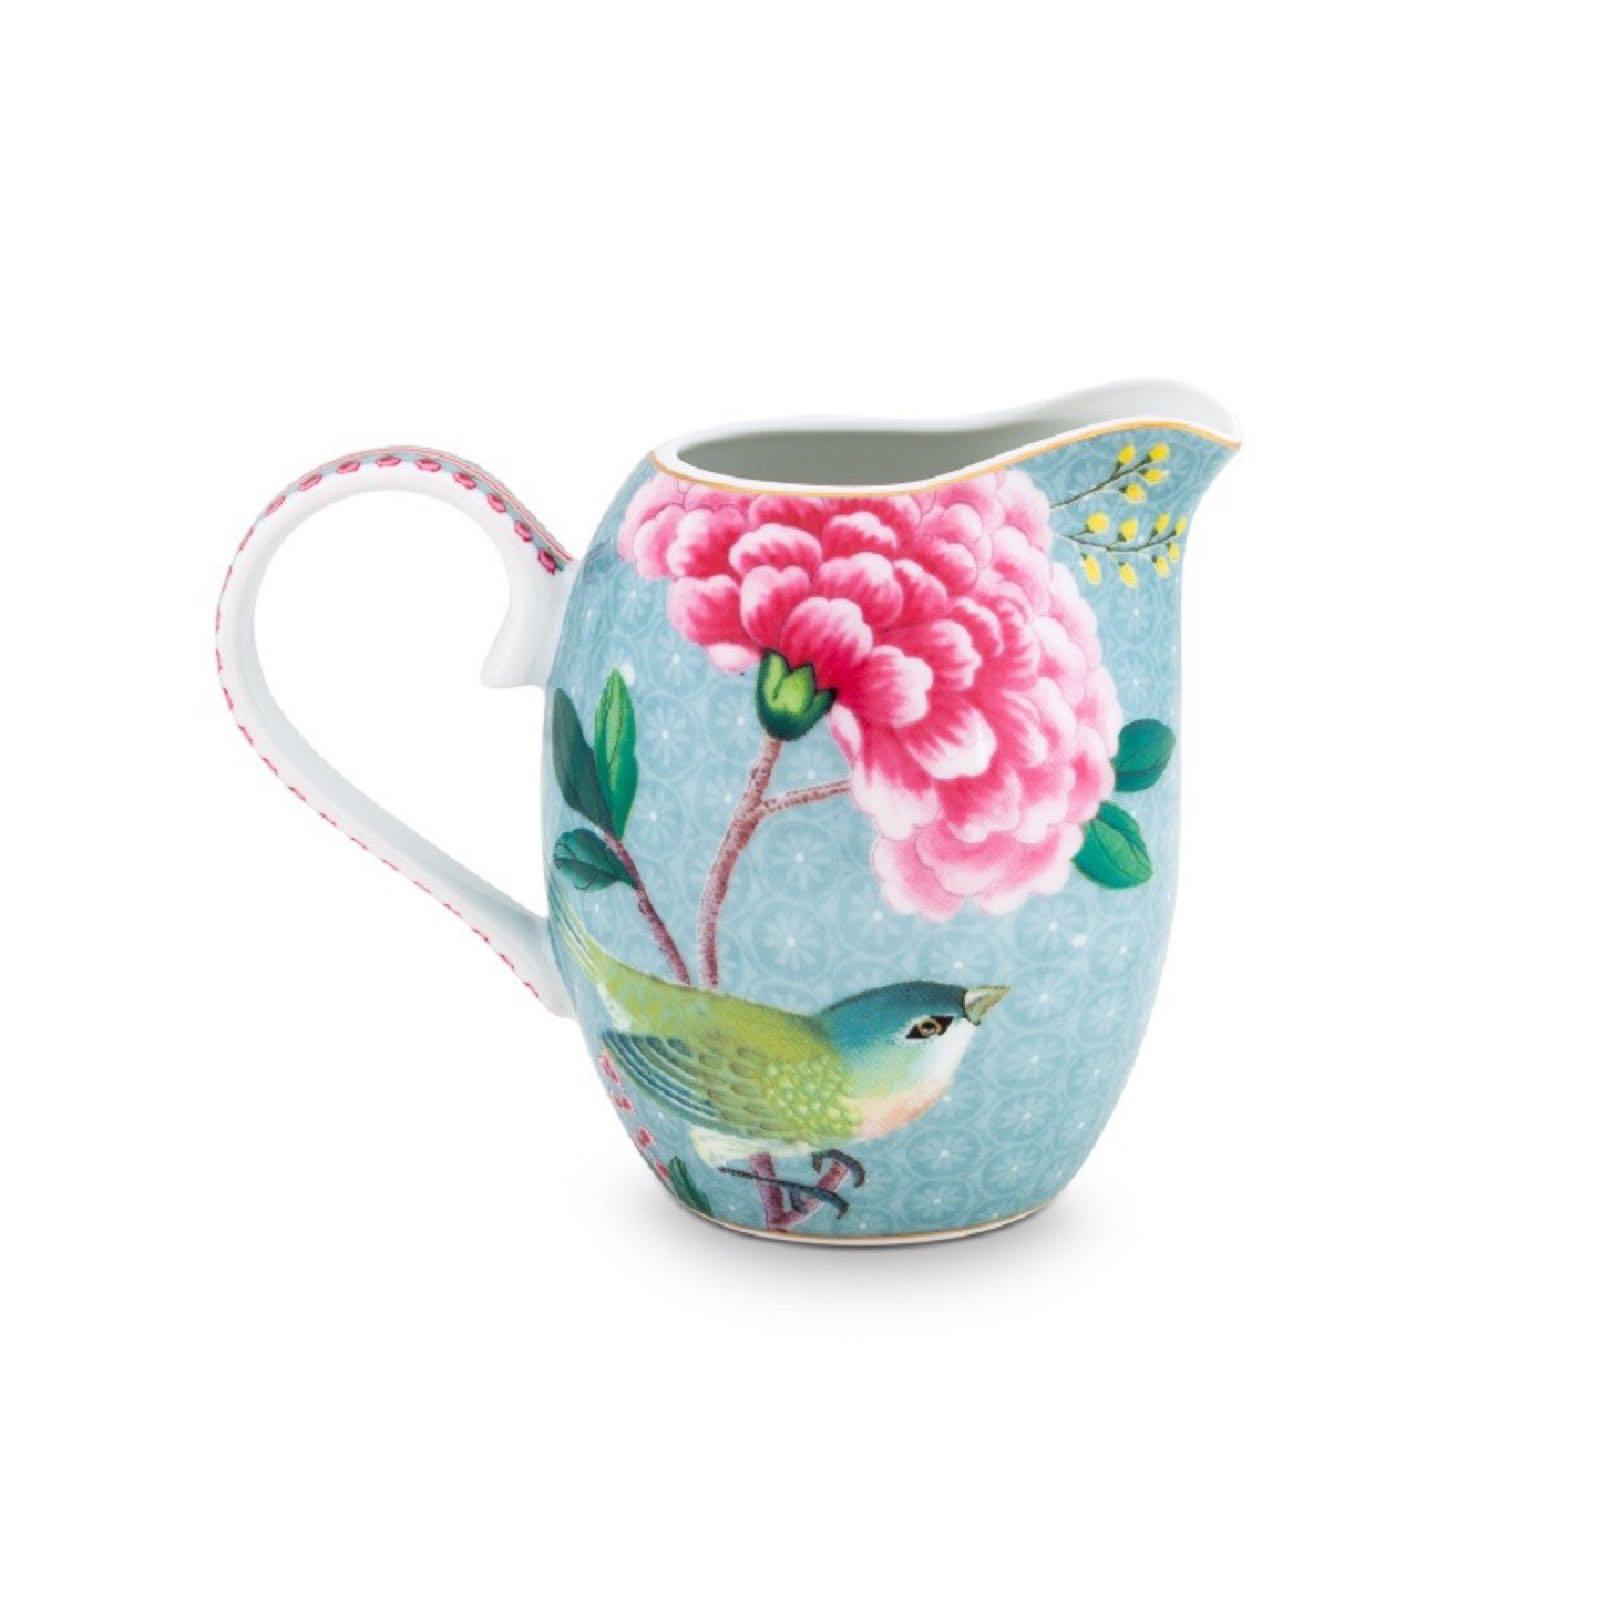 Pip studio Blushing birds small jug